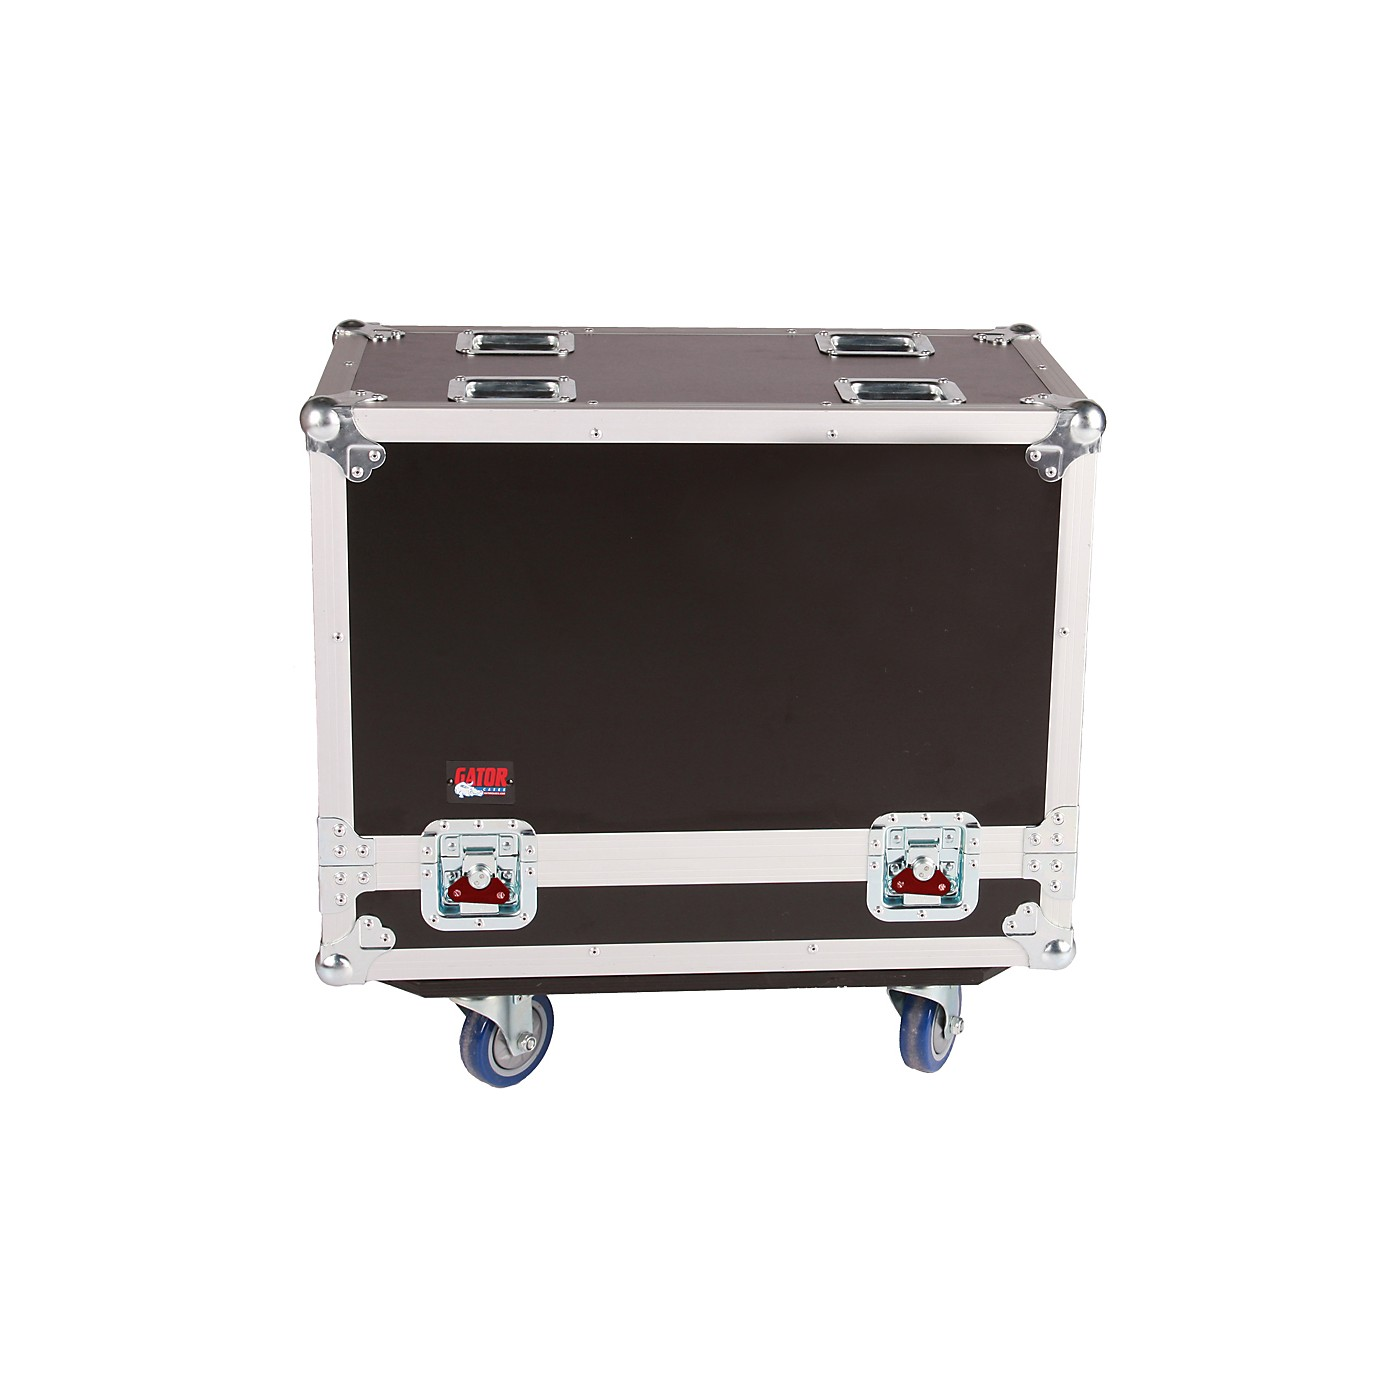 Gator G-TOUR SPKR-2K12 Speaker Transporter thumbnail